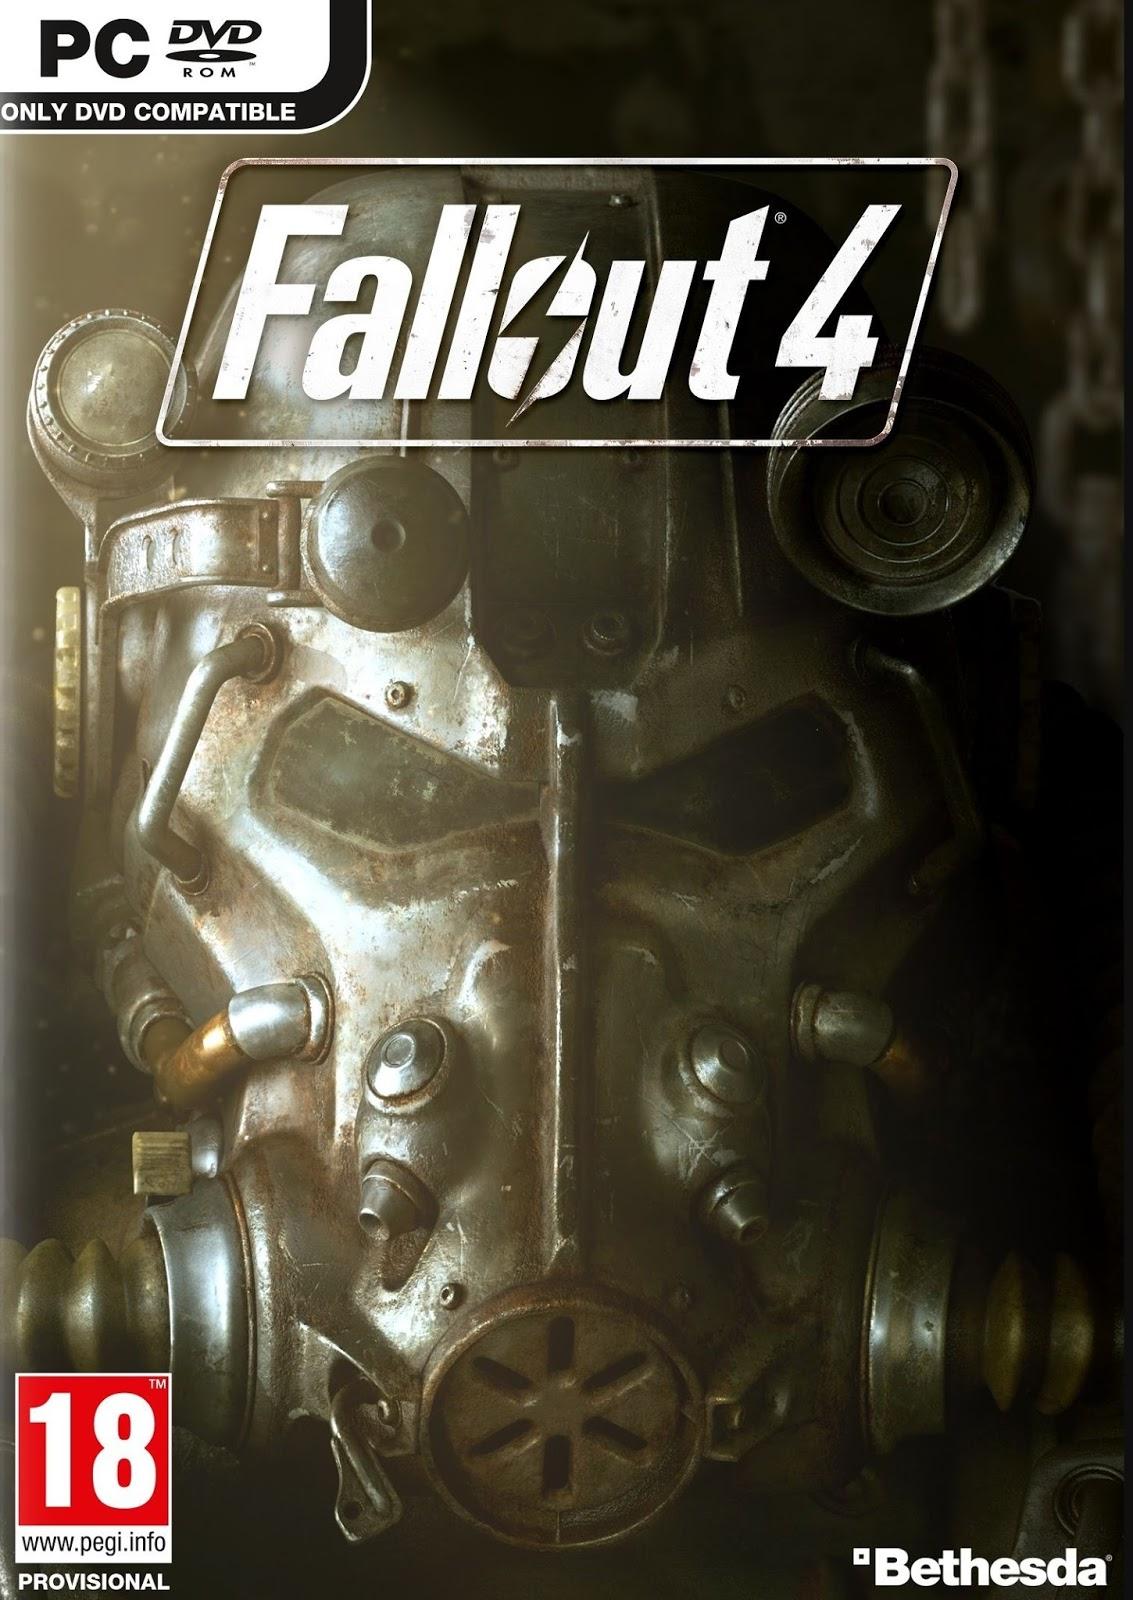 Fallout 4 ESPAÑOL PC Full Cover Caratula